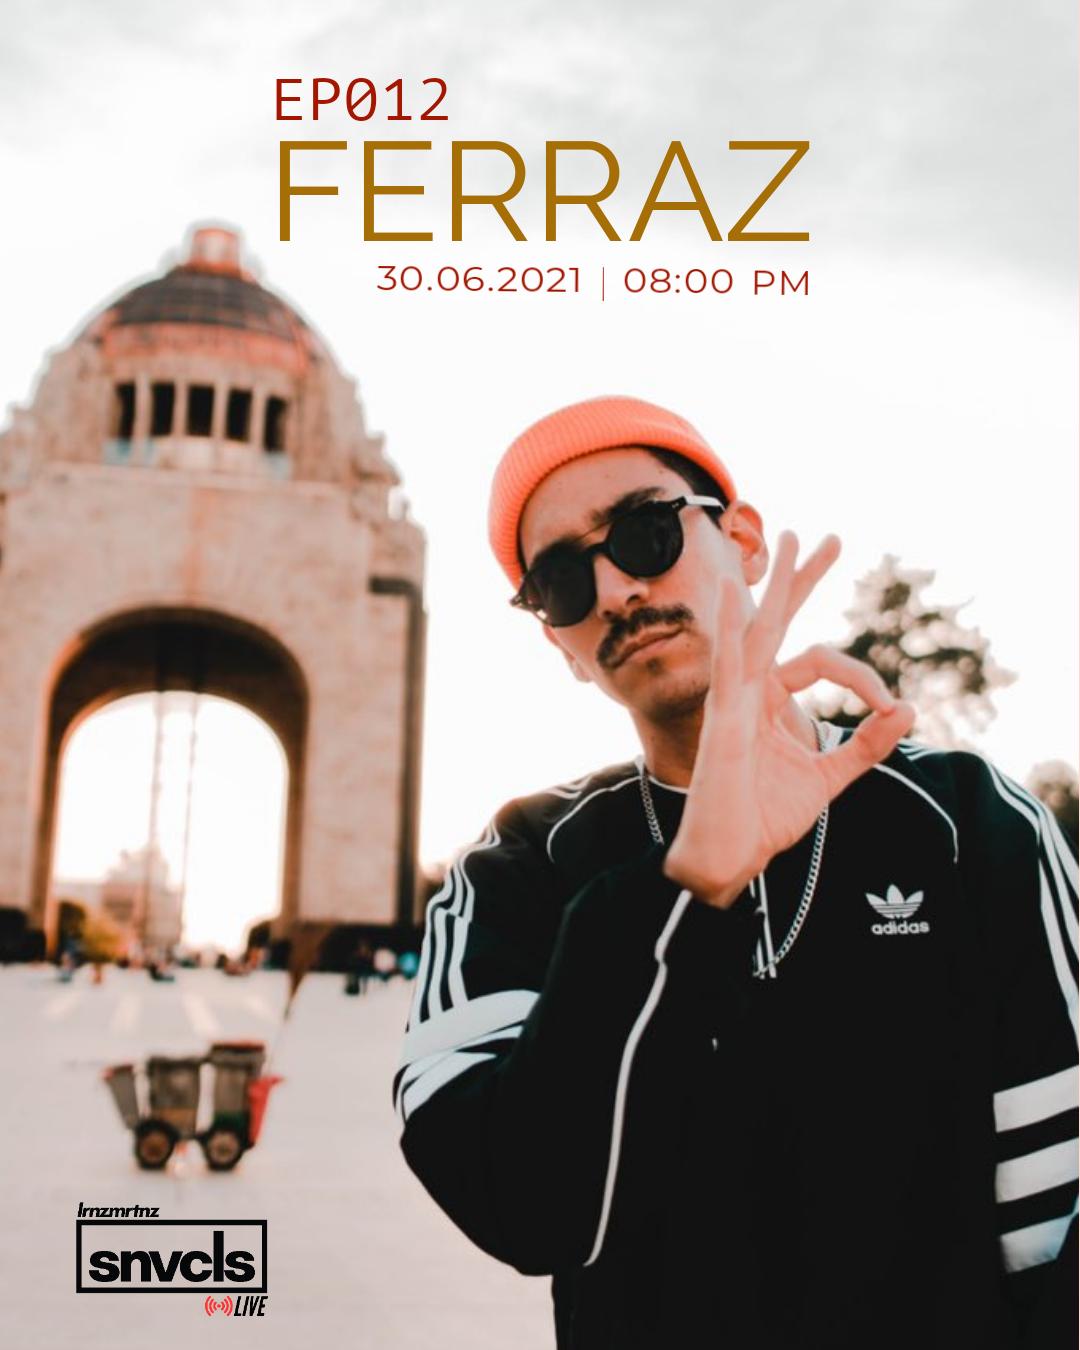 [snvcls: live] EP012   Ferraz